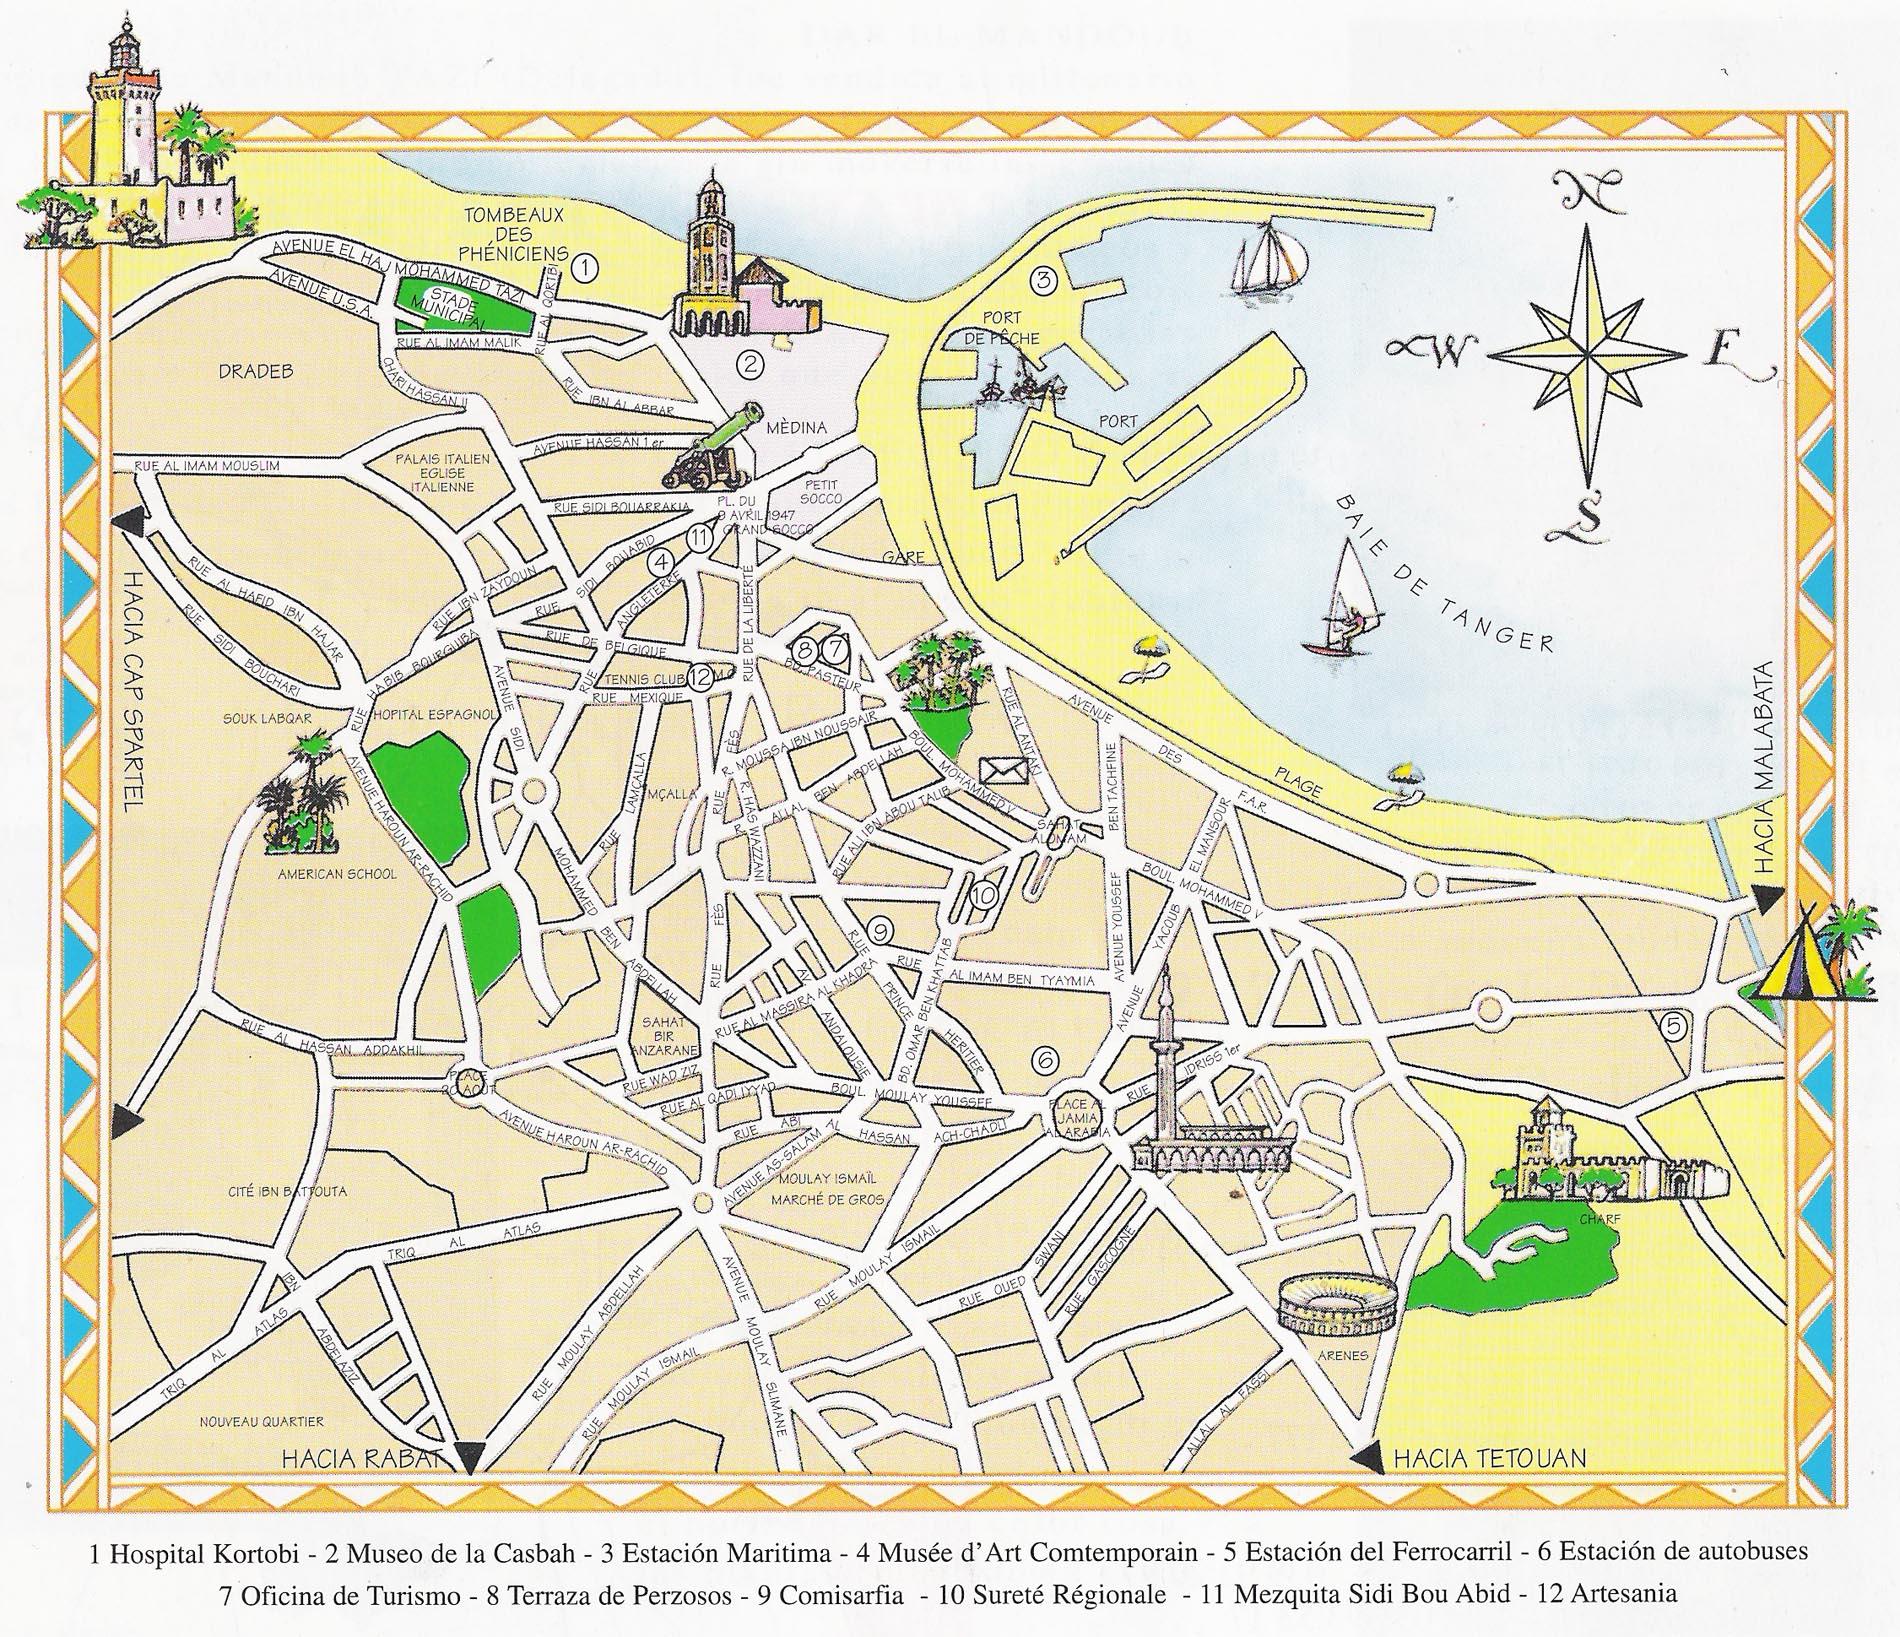 Callejero de Algeciras - Planos y Mapas de la Ciudad de Algeciras